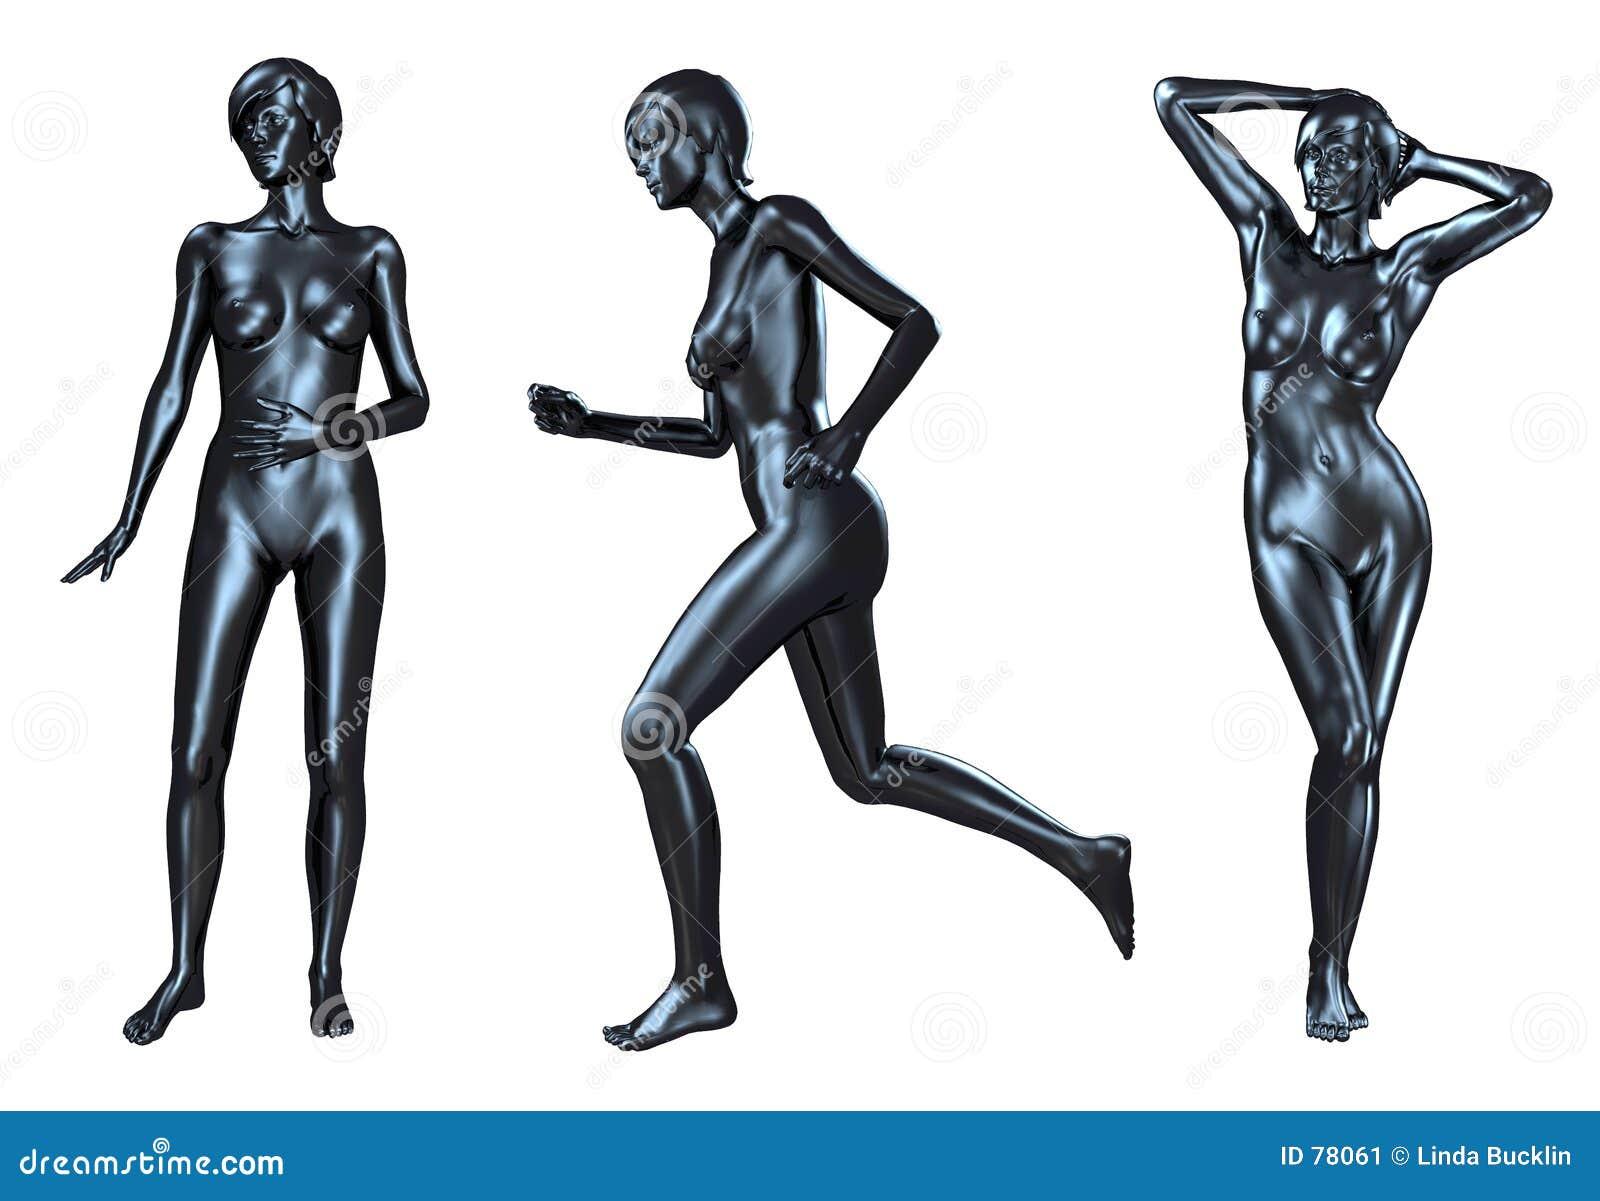 Metalicznej czarnych kobiet nagie 3